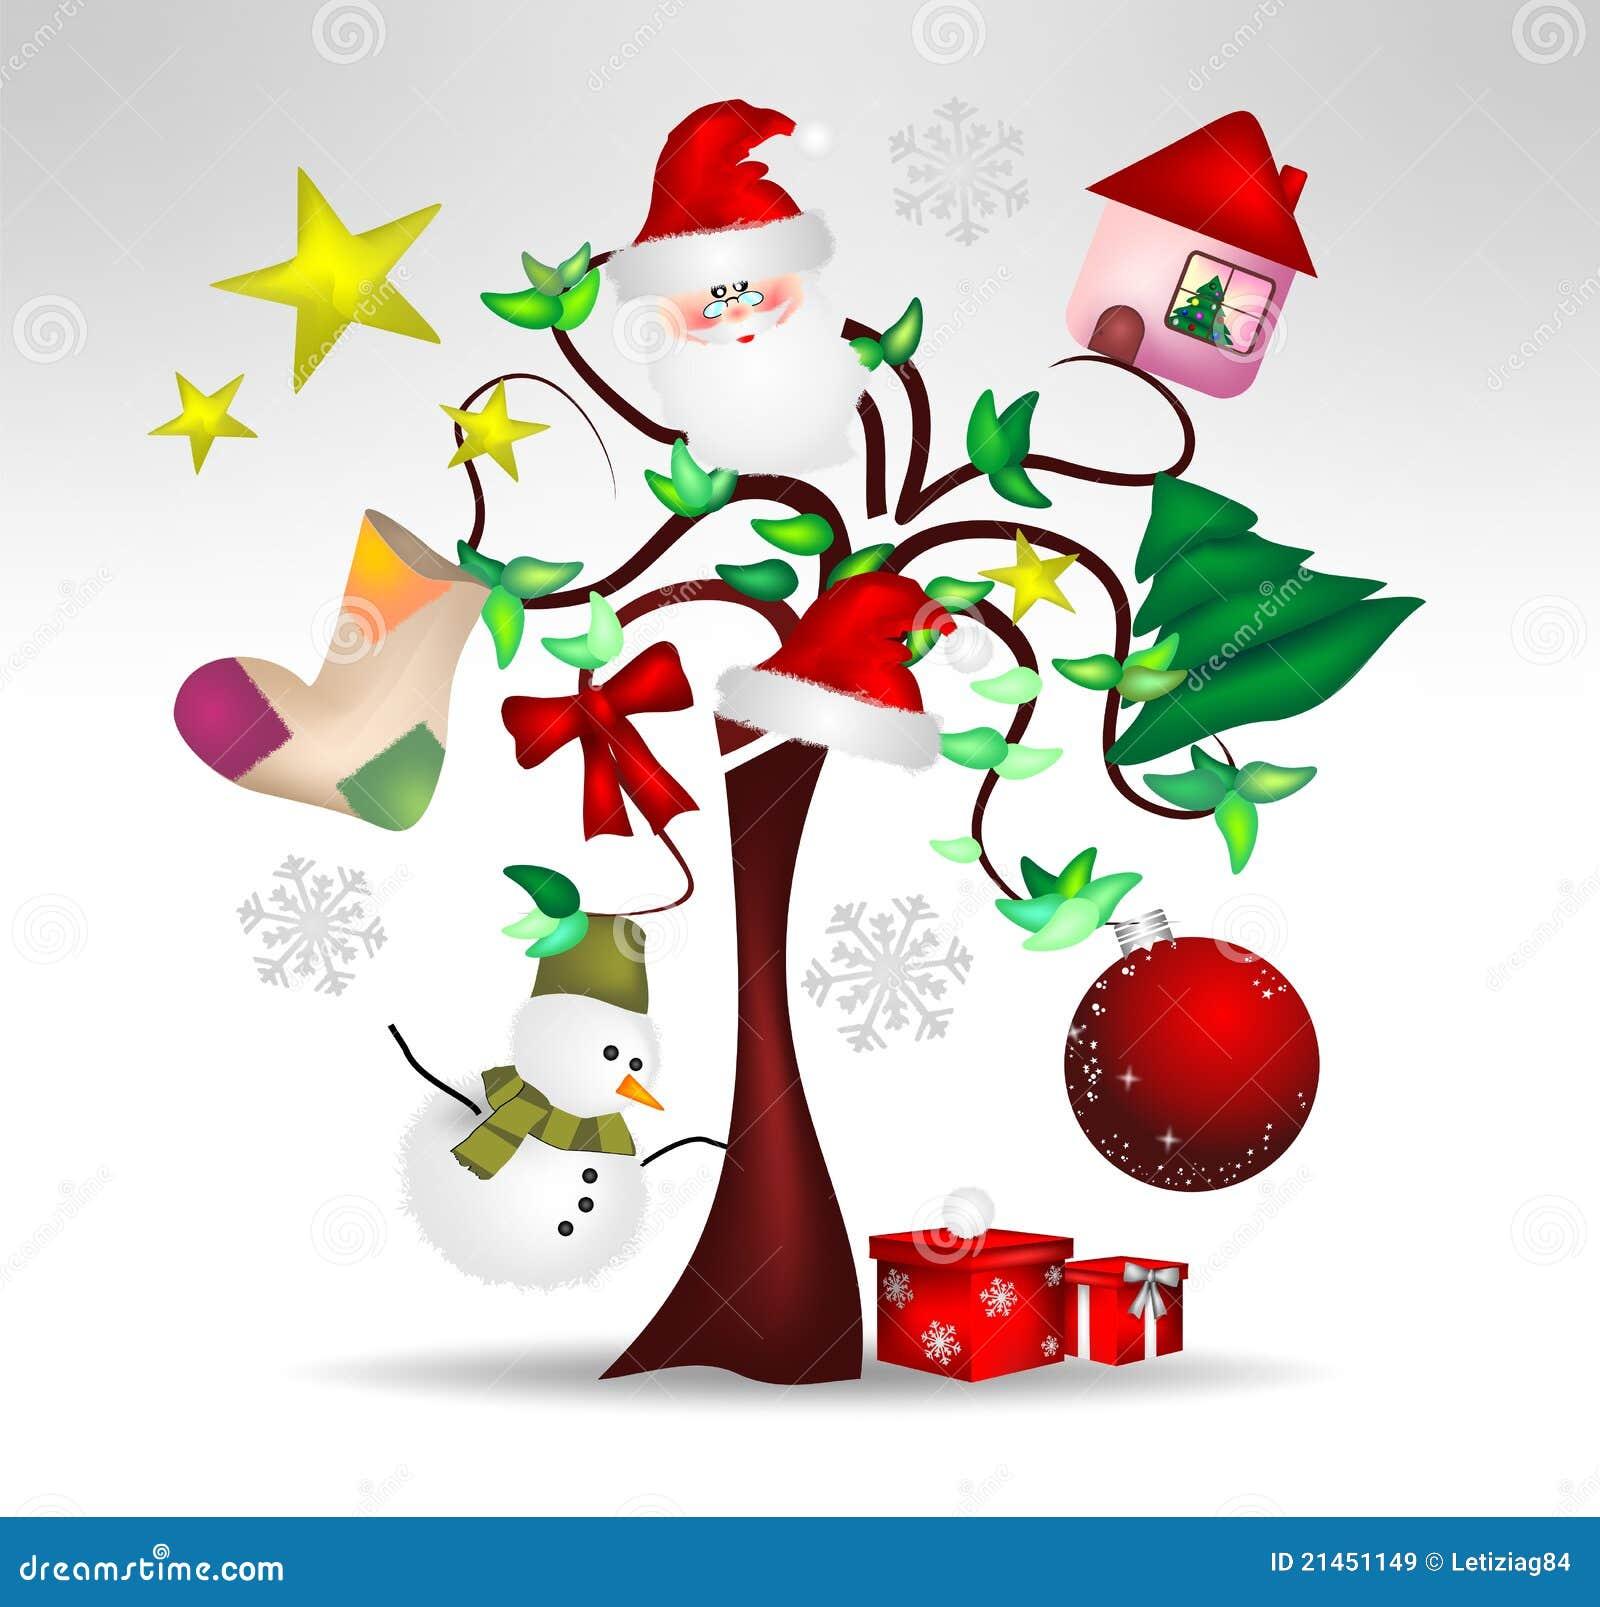 Decora es da rvore de natal e agrad vel originais - Tarjeta navidad original ...